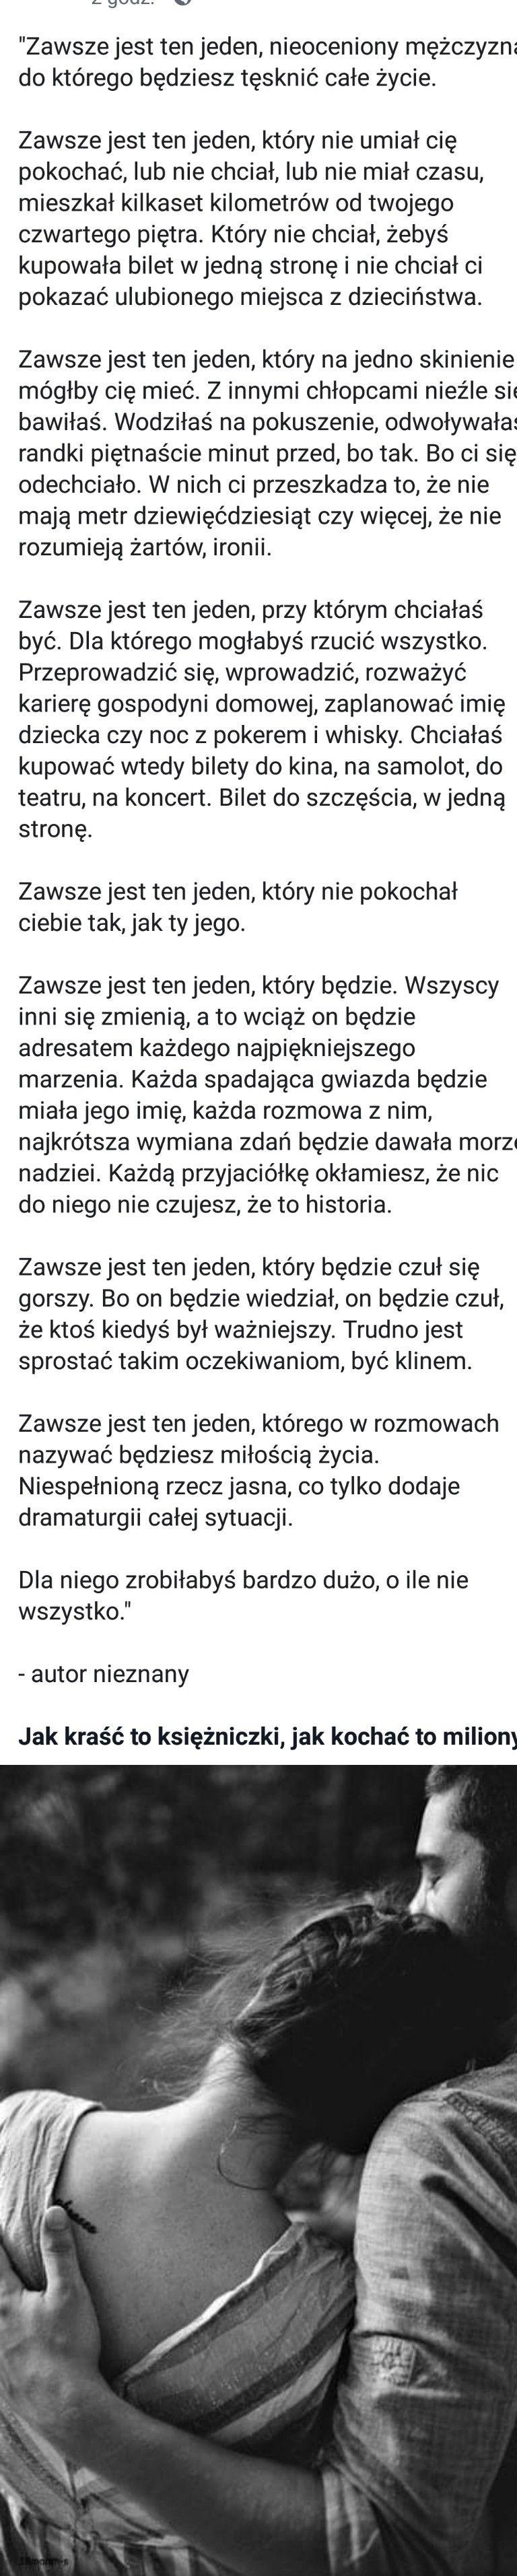 Pin By Malgorzata L On Smutne Cytaty Wiersze Lekcje Zyciowe Cytaty Zyciowe